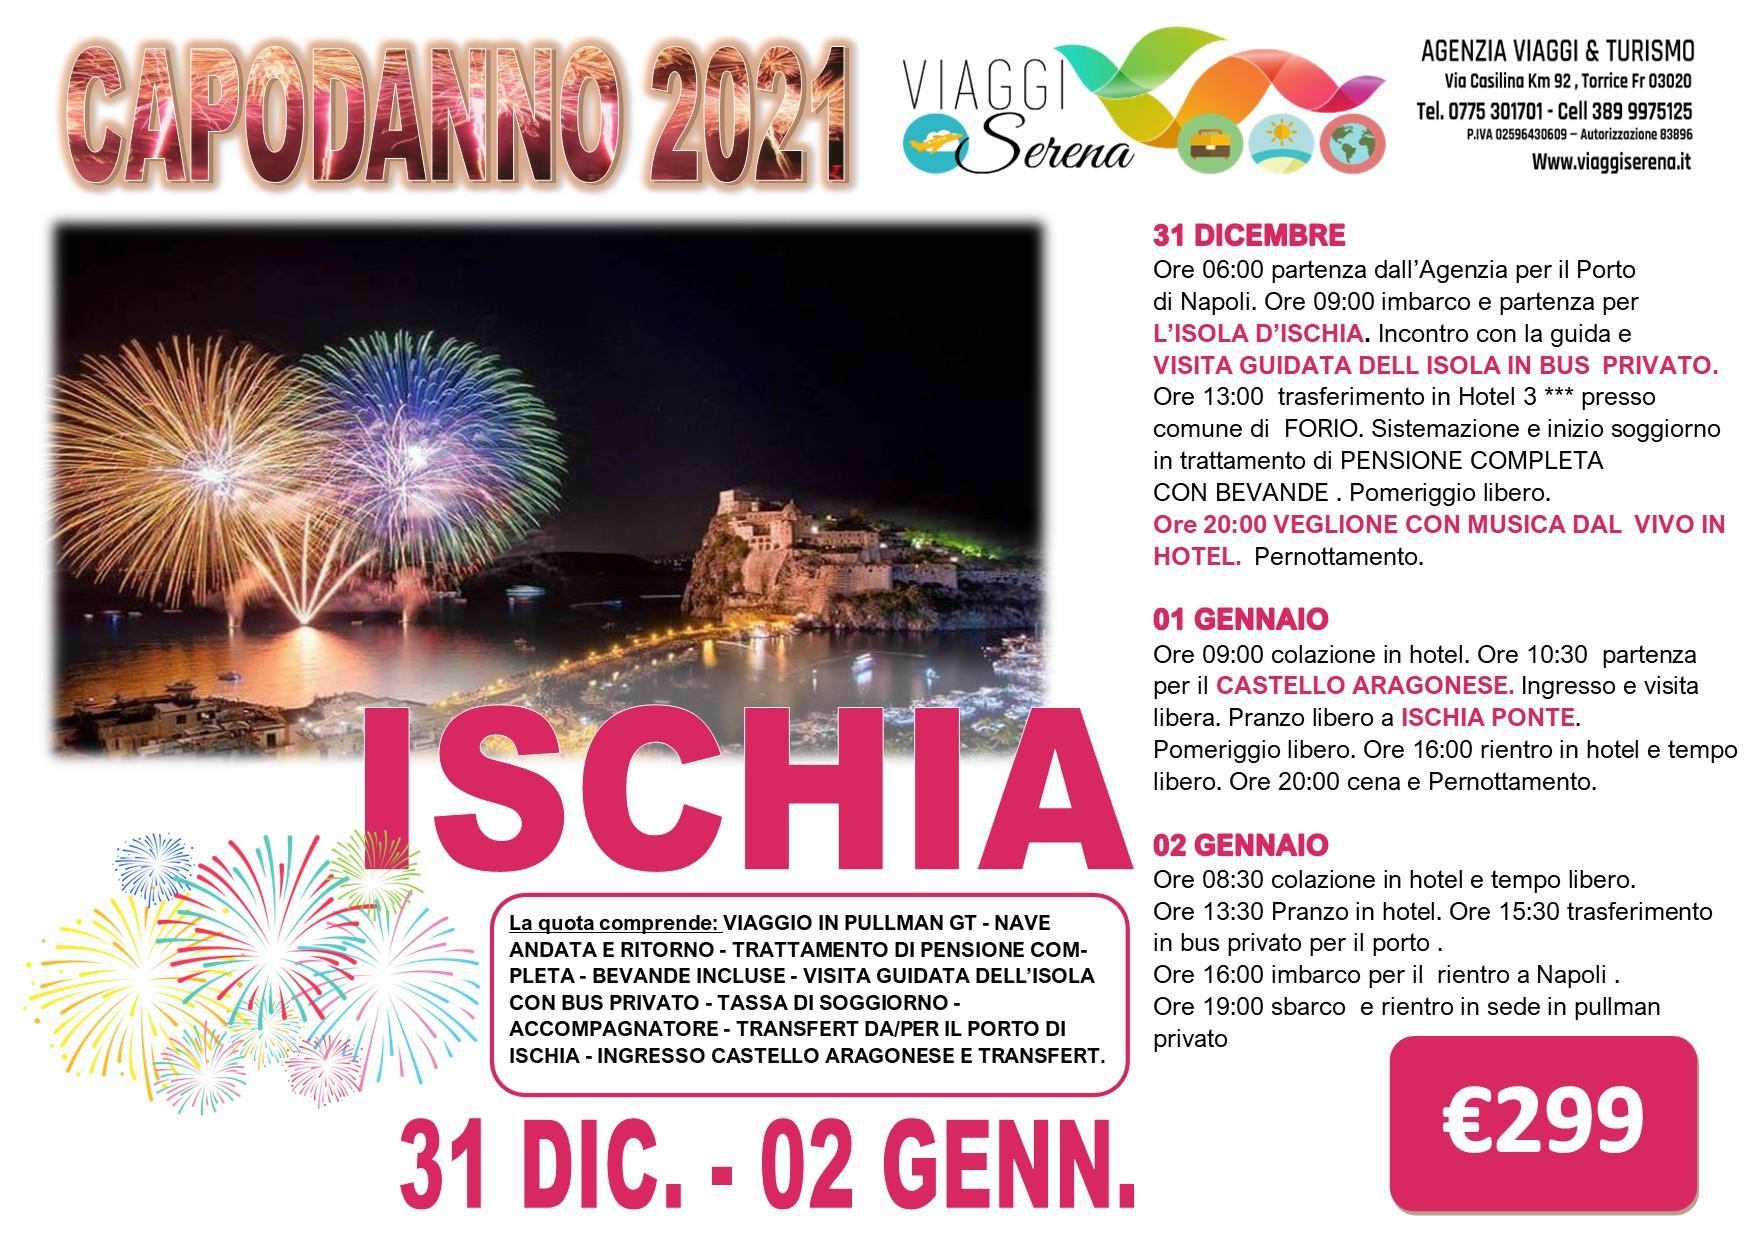 Viaggi di Gruppo speciale Capodanno: Isola d'ISCHIA  31 Dicembre- 2 Gennaio € 299,00